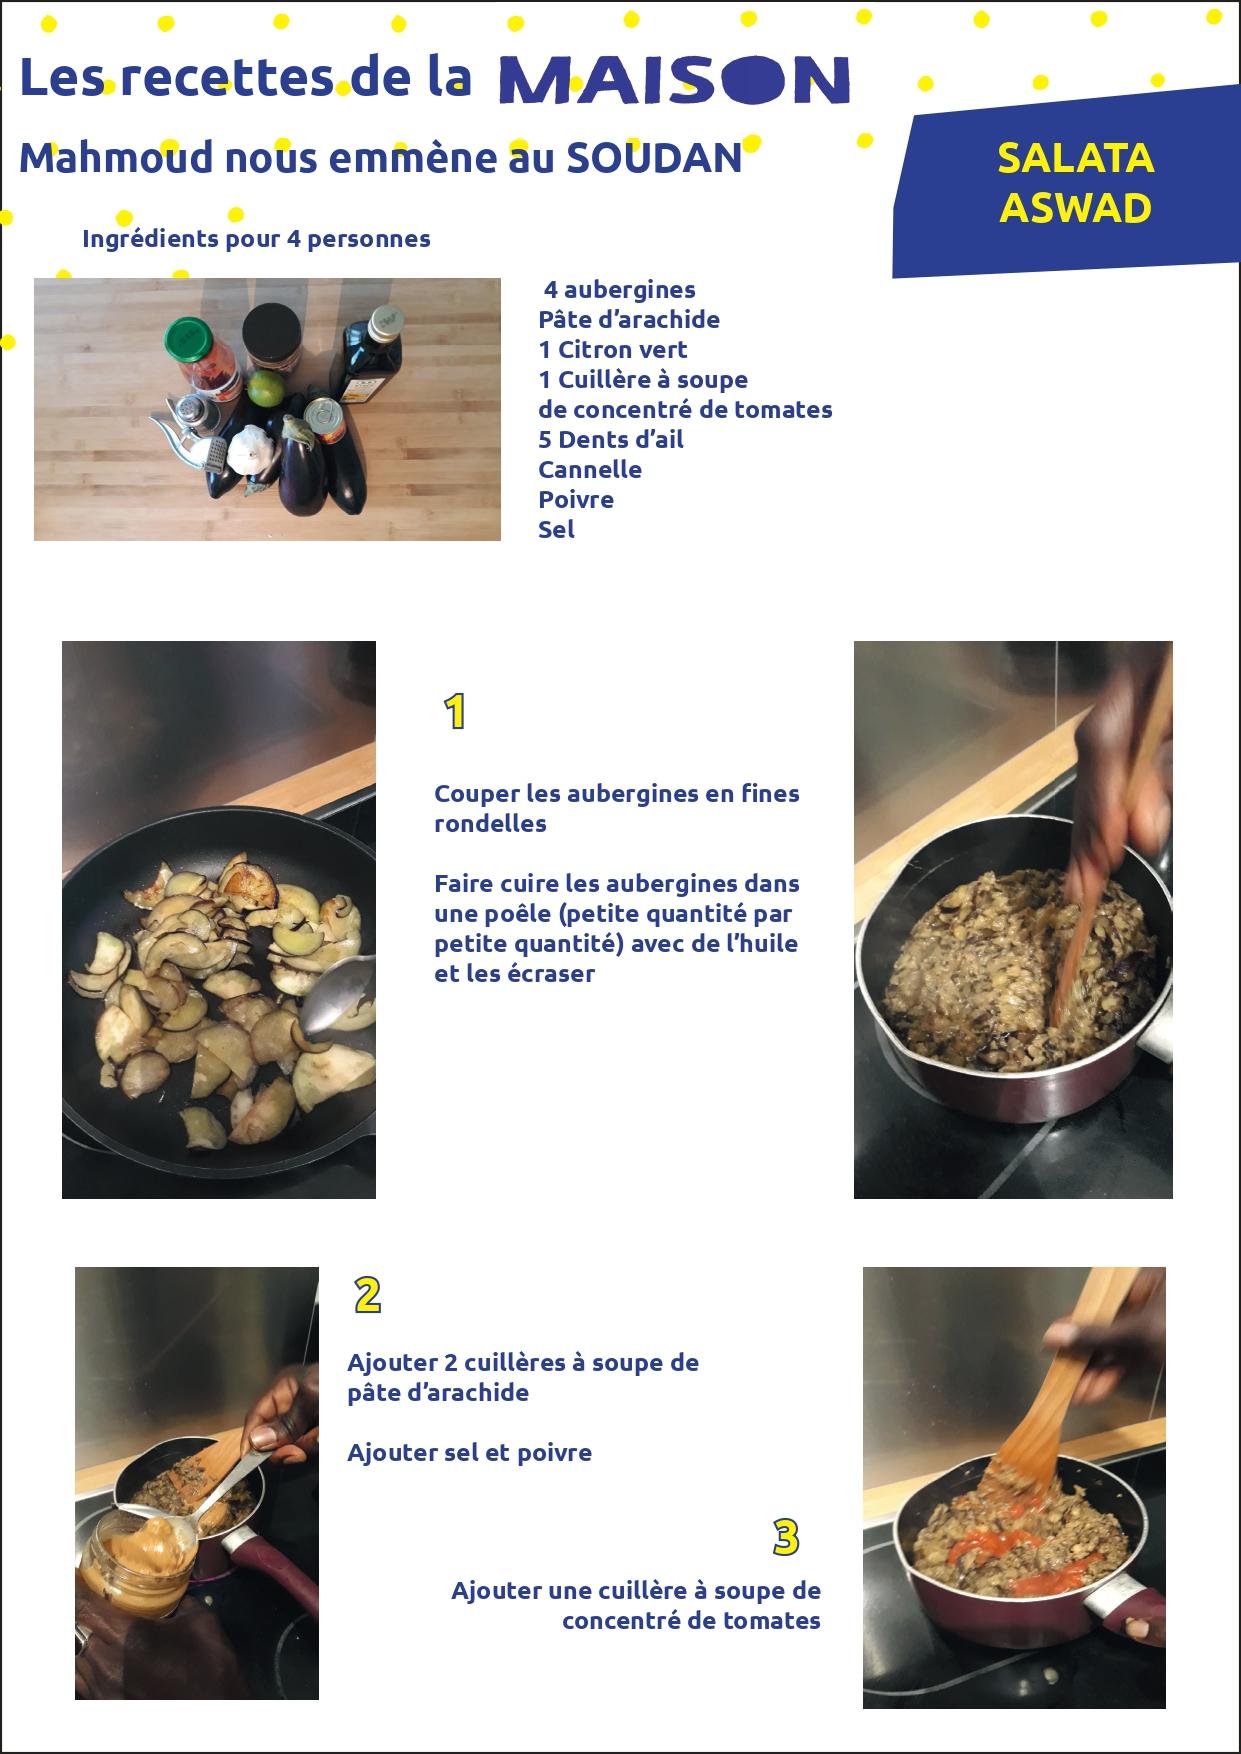 Les recettes de la Maison